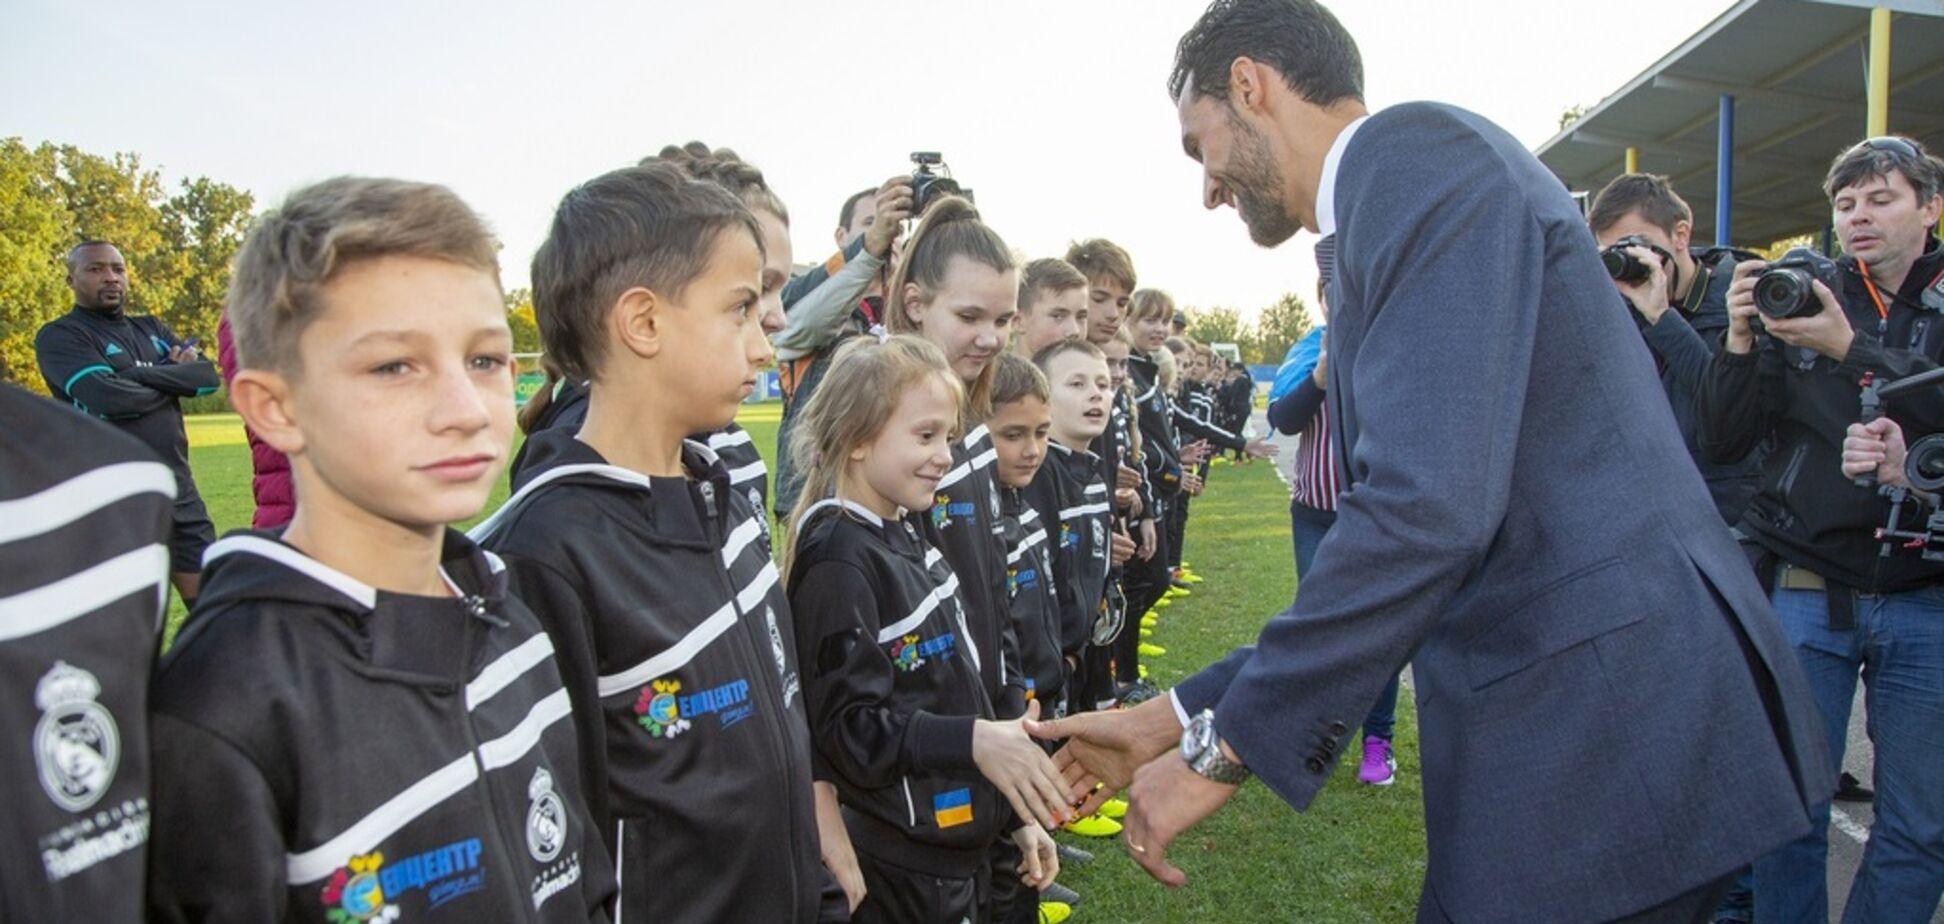 Гра, що змінює життя: в Україні відкрили соціально-спортивні школи Фонду 'Реал Мадрид'